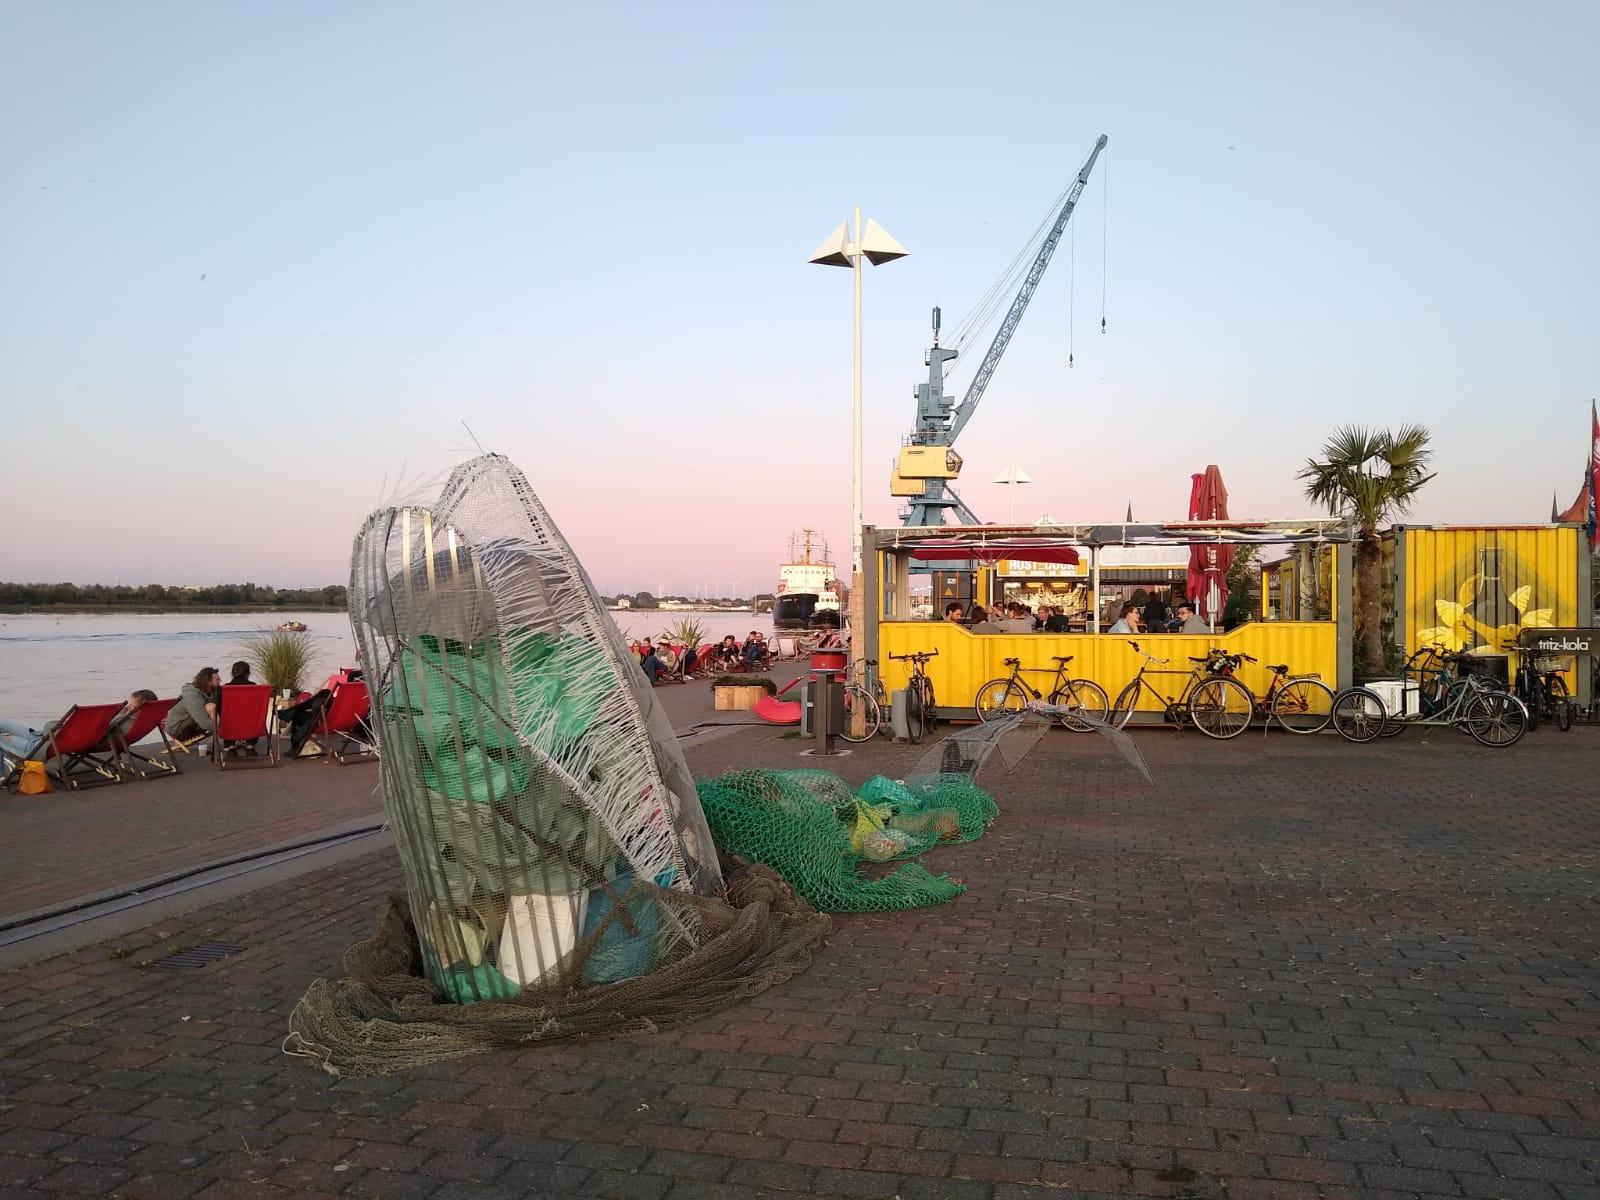 Aus Teilen des Mülls entstand am Klimaaktionstag ein großer Mahnwal. Bildautor: Matthias Goerres